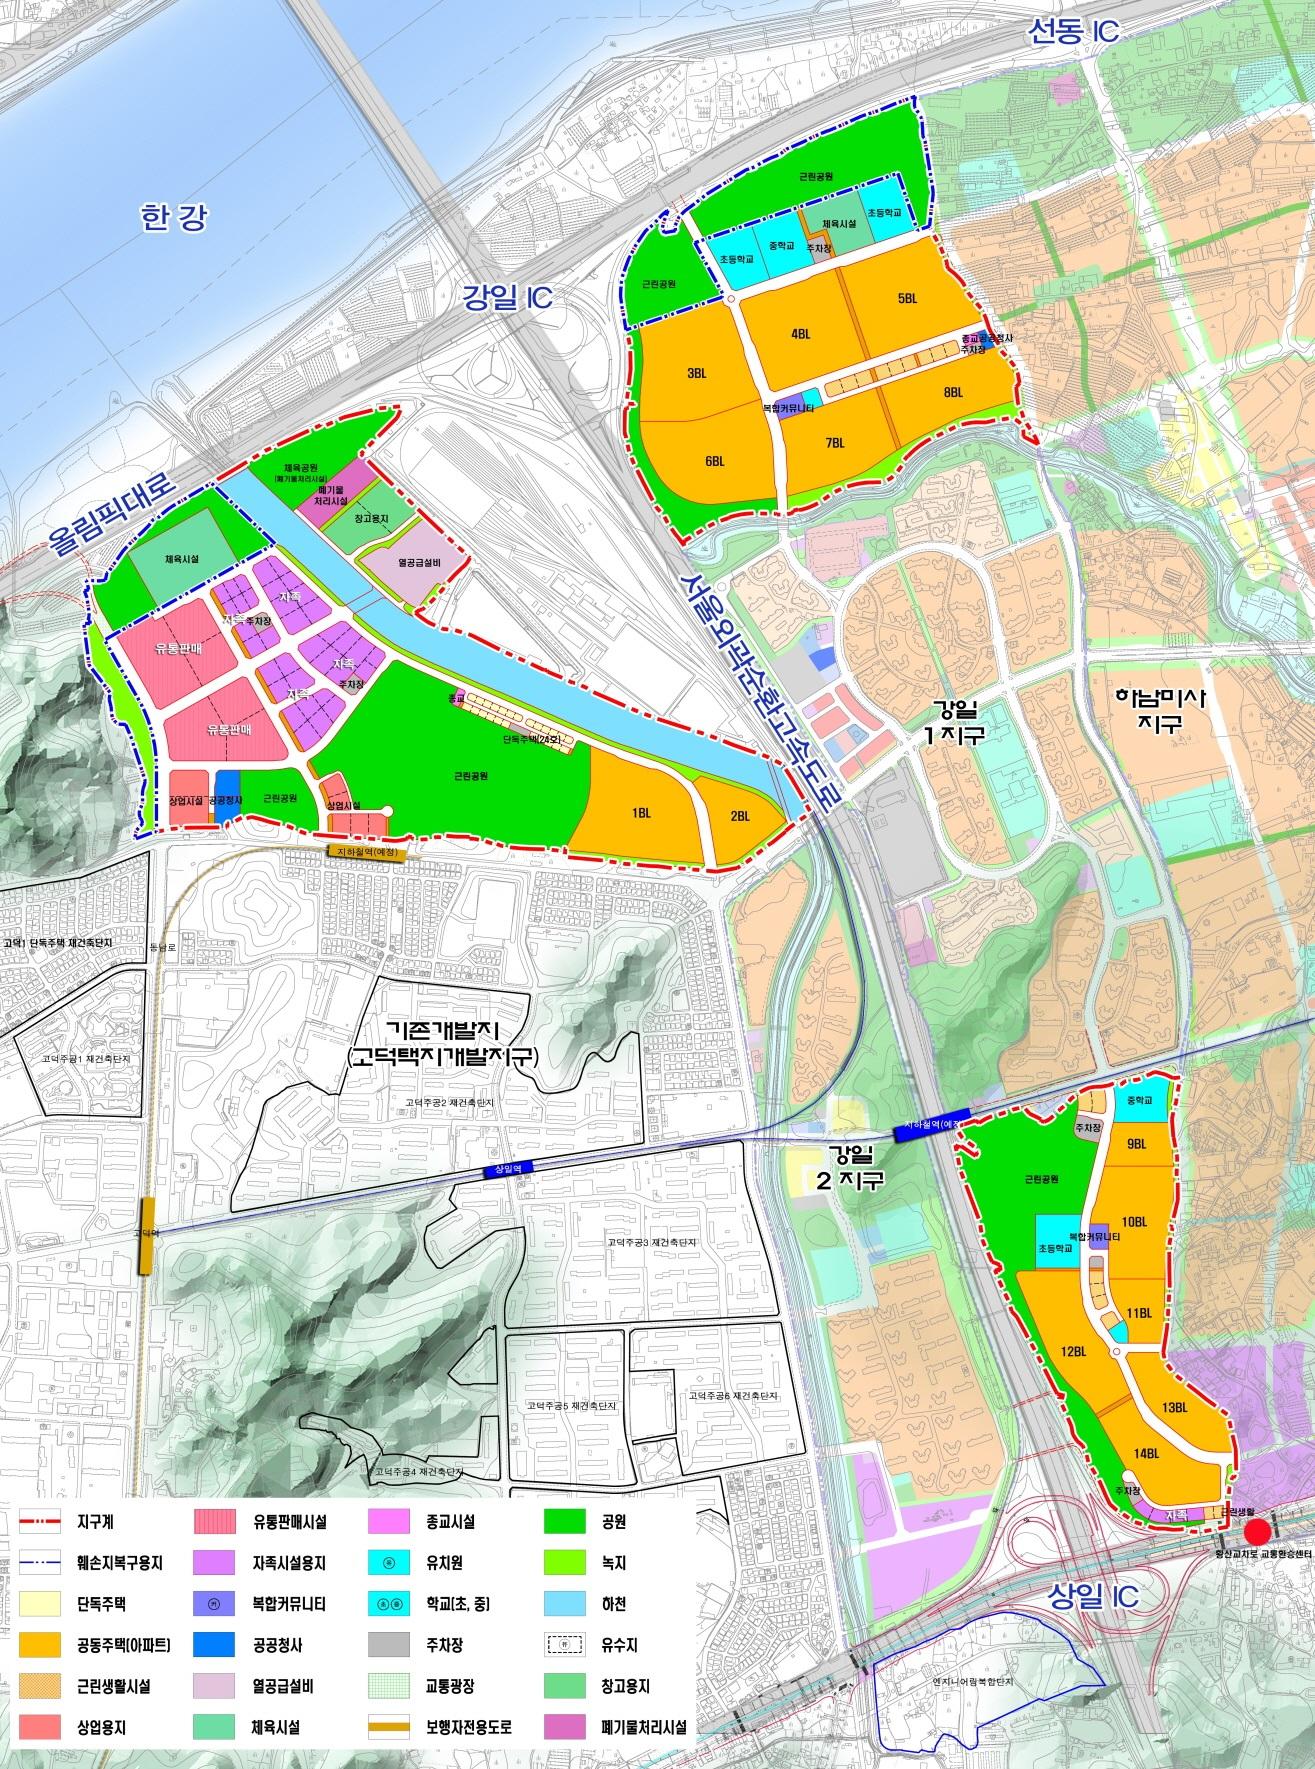 고덕강일지구의 모습. 3개 지구 총 14개 블록 규모로, 1만1560가구의 공동주택이 들어설 예정이다. 이 중 1블록과 5블록의 설계공모전이 열렸다. [사진 SH공사]